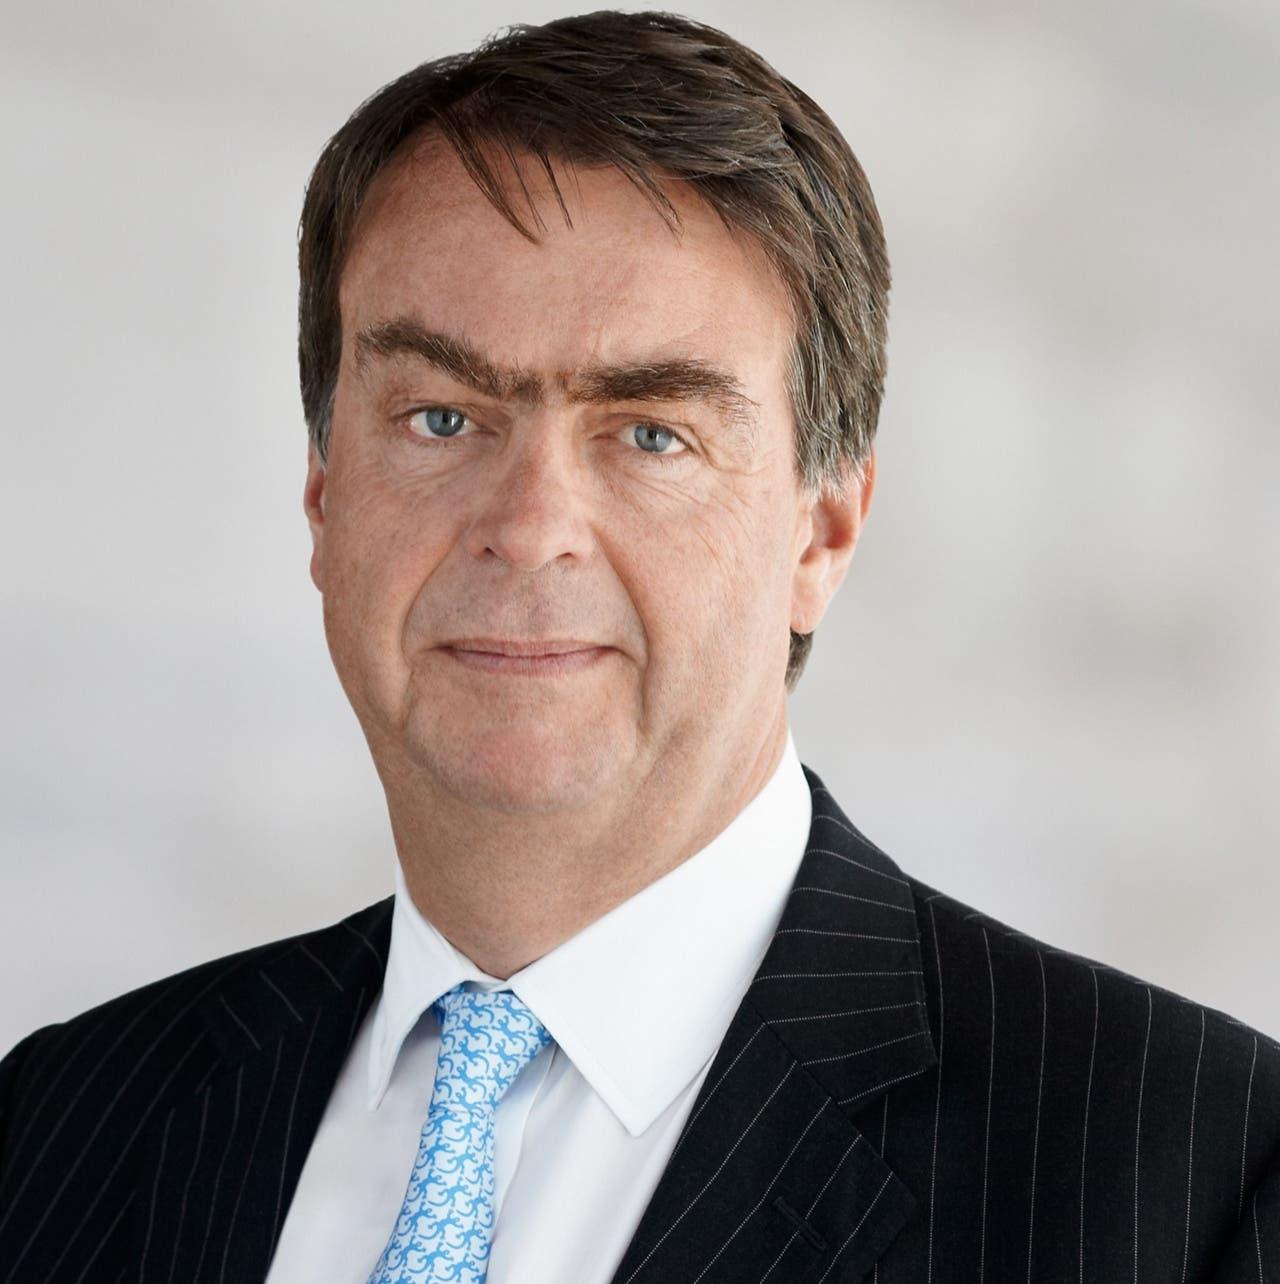 Aufsteiger 2: Familien Hoffmann und Oeri, 26-27 Milliarden Franken (+4 Mrd.) Die Aktie des Pharma-Riesen Roche läuft wie geschmiert. Der Besitzerclan um André Hoffmann rangiert auf Platz 2 in der Liste der 300 Reichsten.